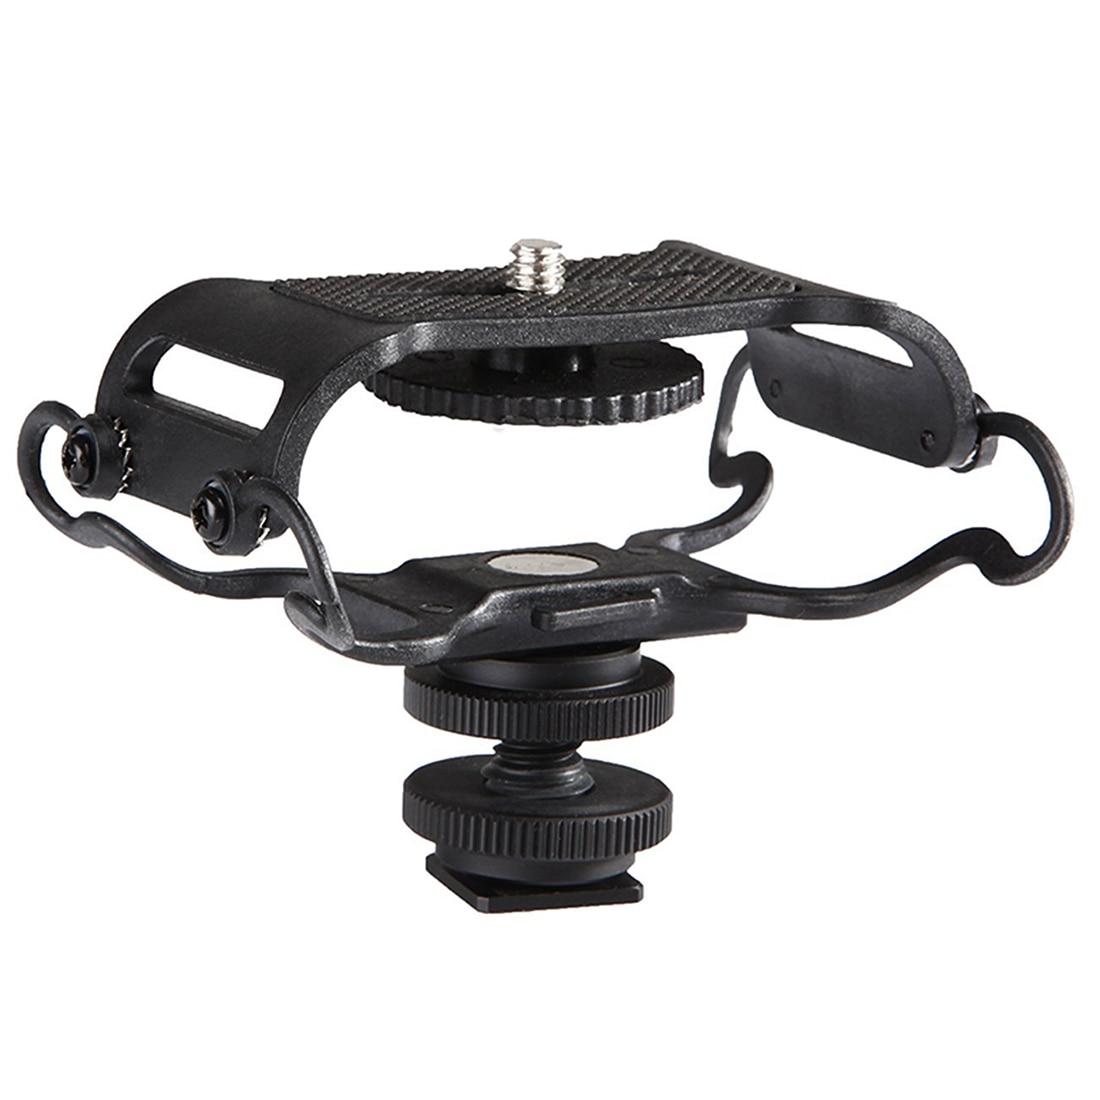 Tascam Dr-40 H6 Dr-07 Kaufe Eins Ttkk Mikrofon Und Tragbare Recorder Shock Mount-passt Die Zoom H4n H5 Bekomme Eins Gratis Dr-05